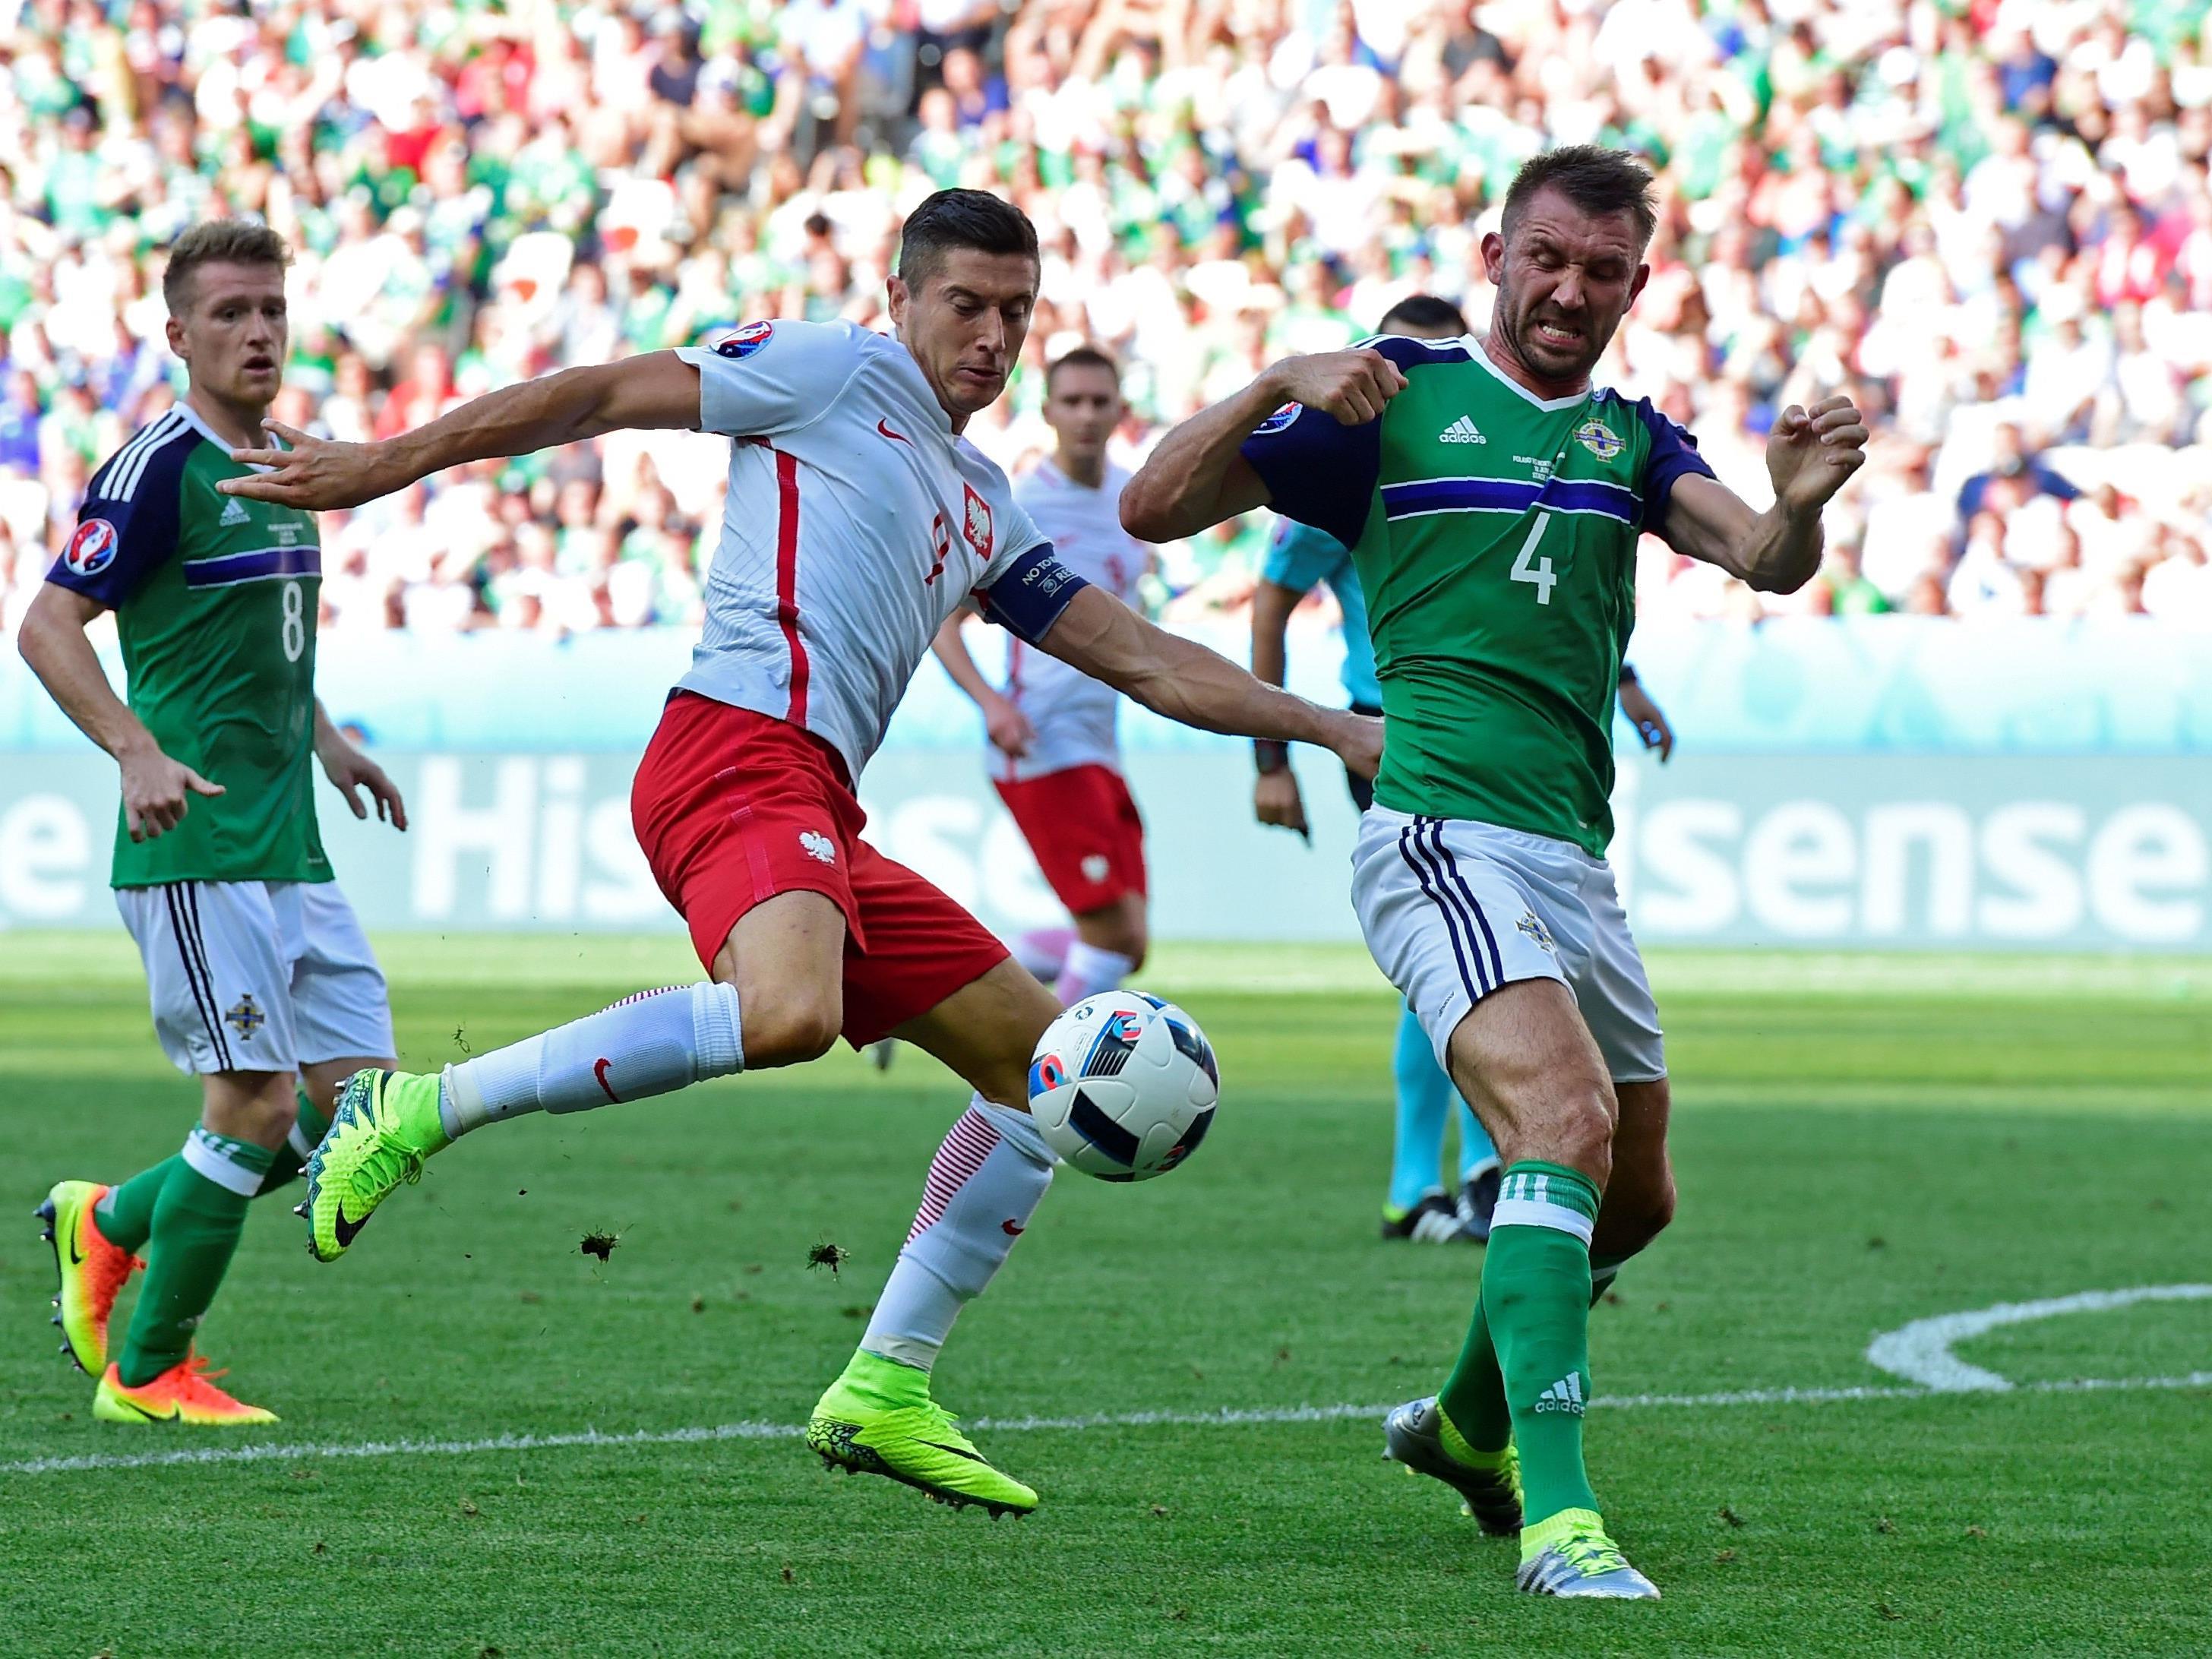 Polen startete mit einem Sieg gegen Außenseiter Nordirland in die EURO 2016.